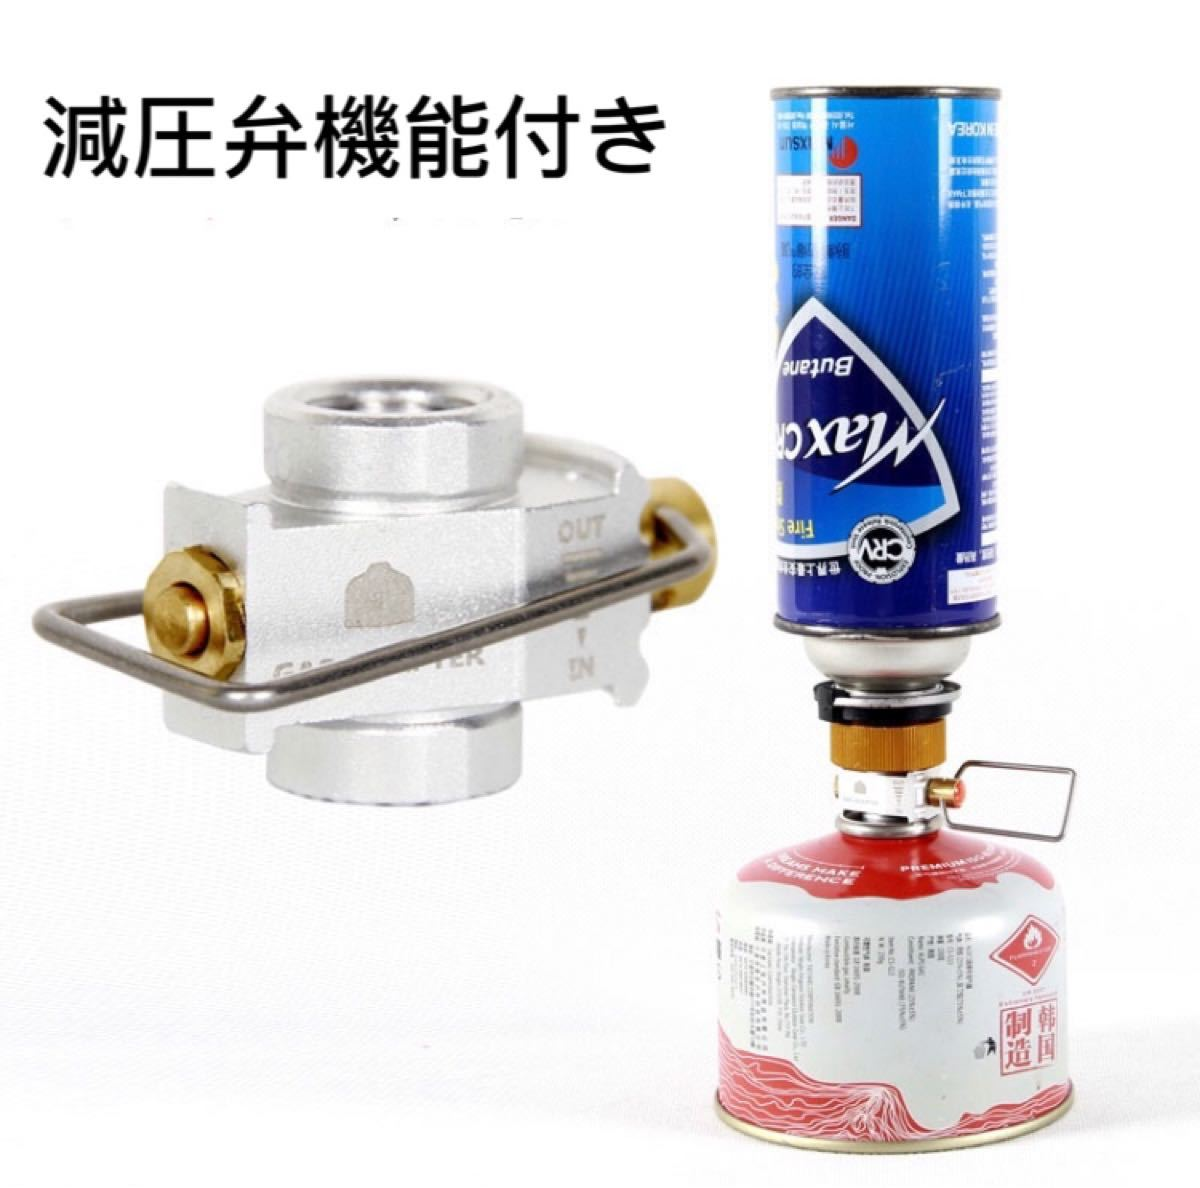 ガス缶詰め替えアダプター マルチガスアダプター ガス変換アダプタ 減圧機能付き